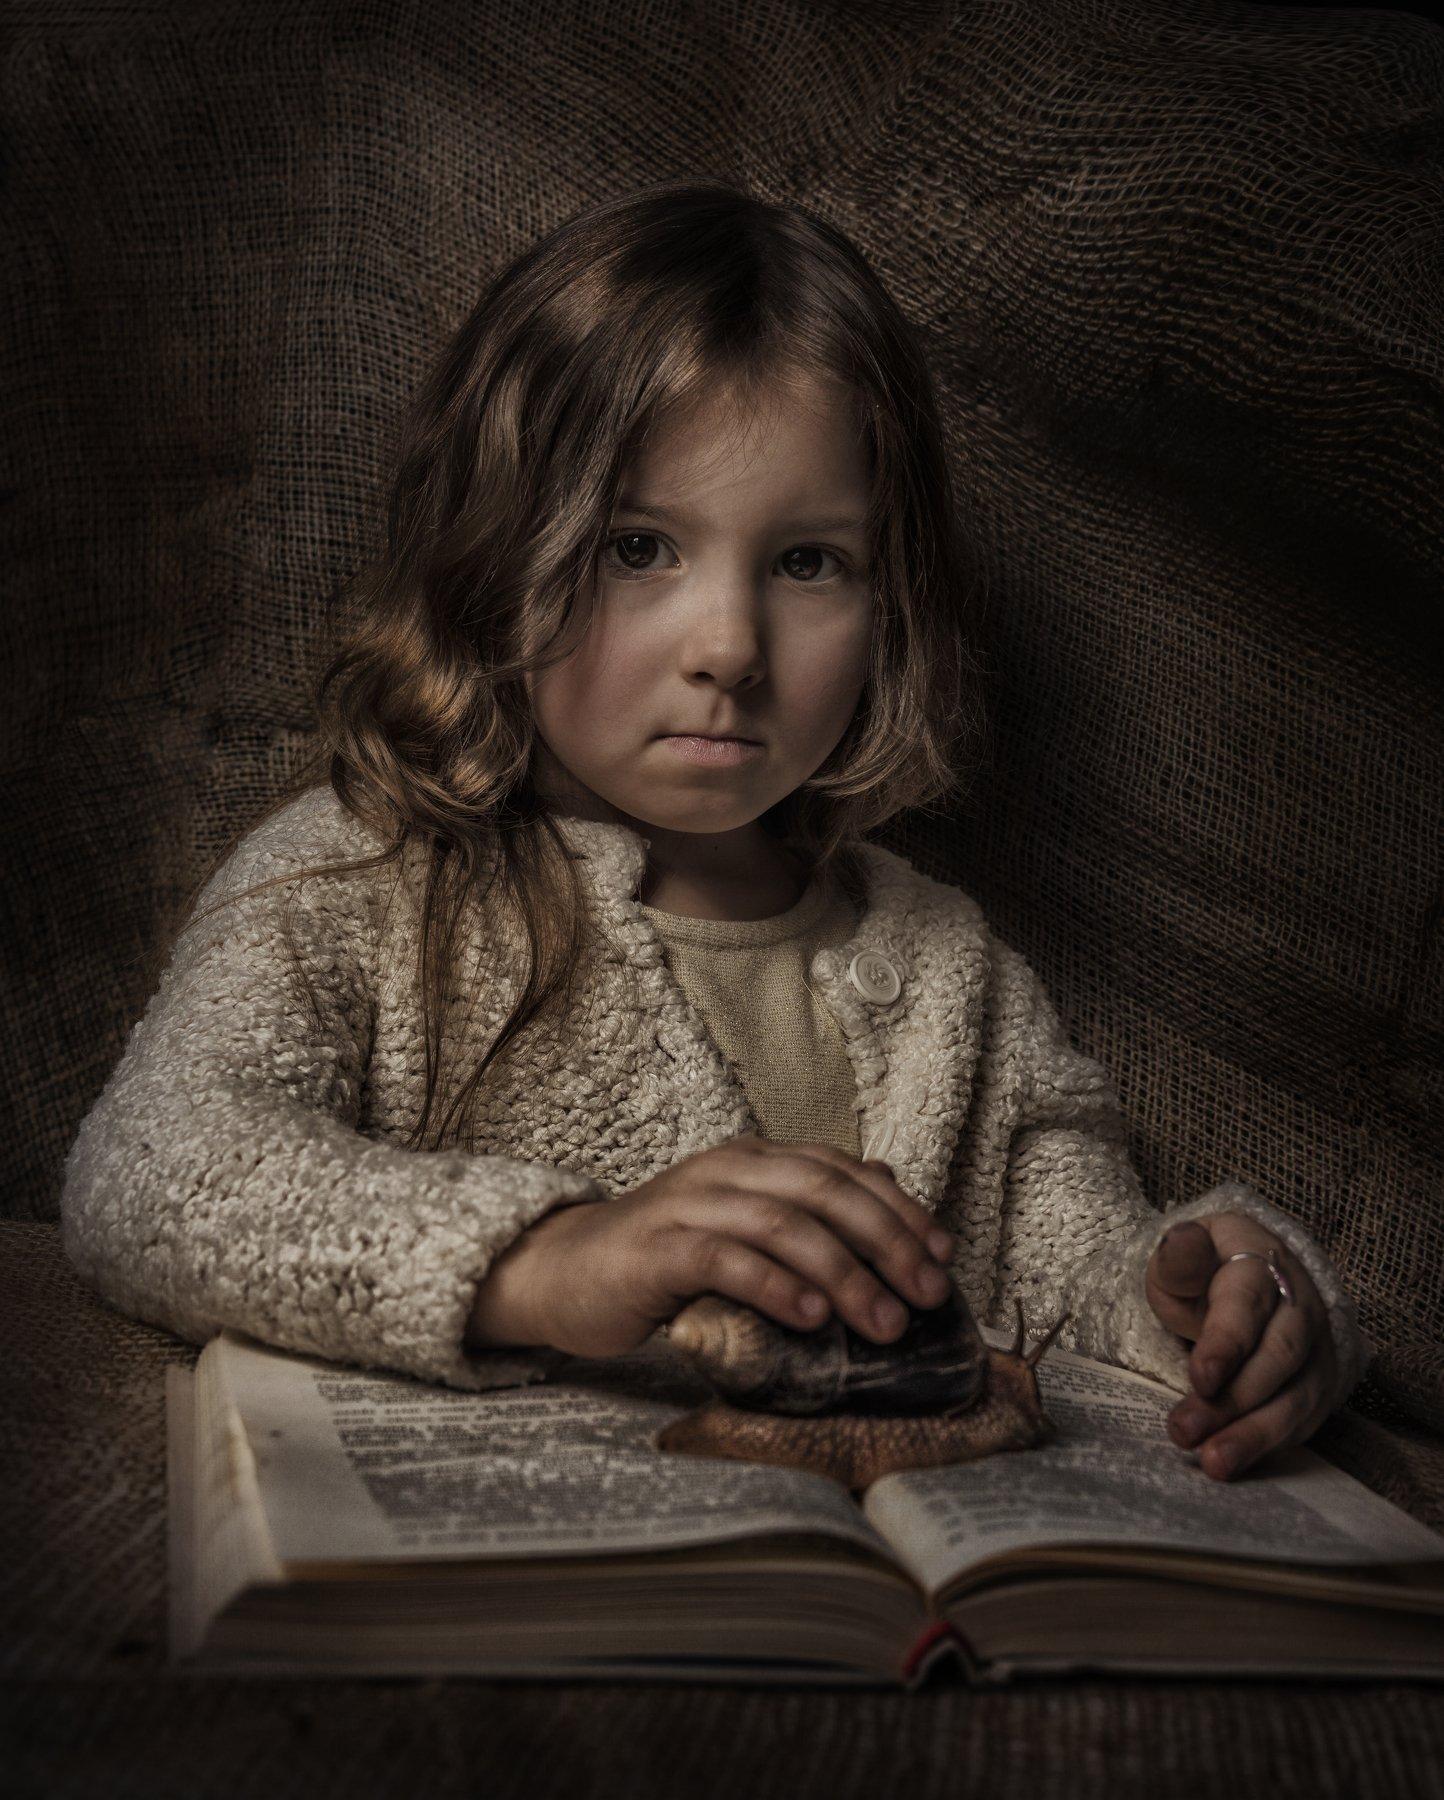 дети, животное, улитка, жанровое, фото, портрет, Наталия Холодова